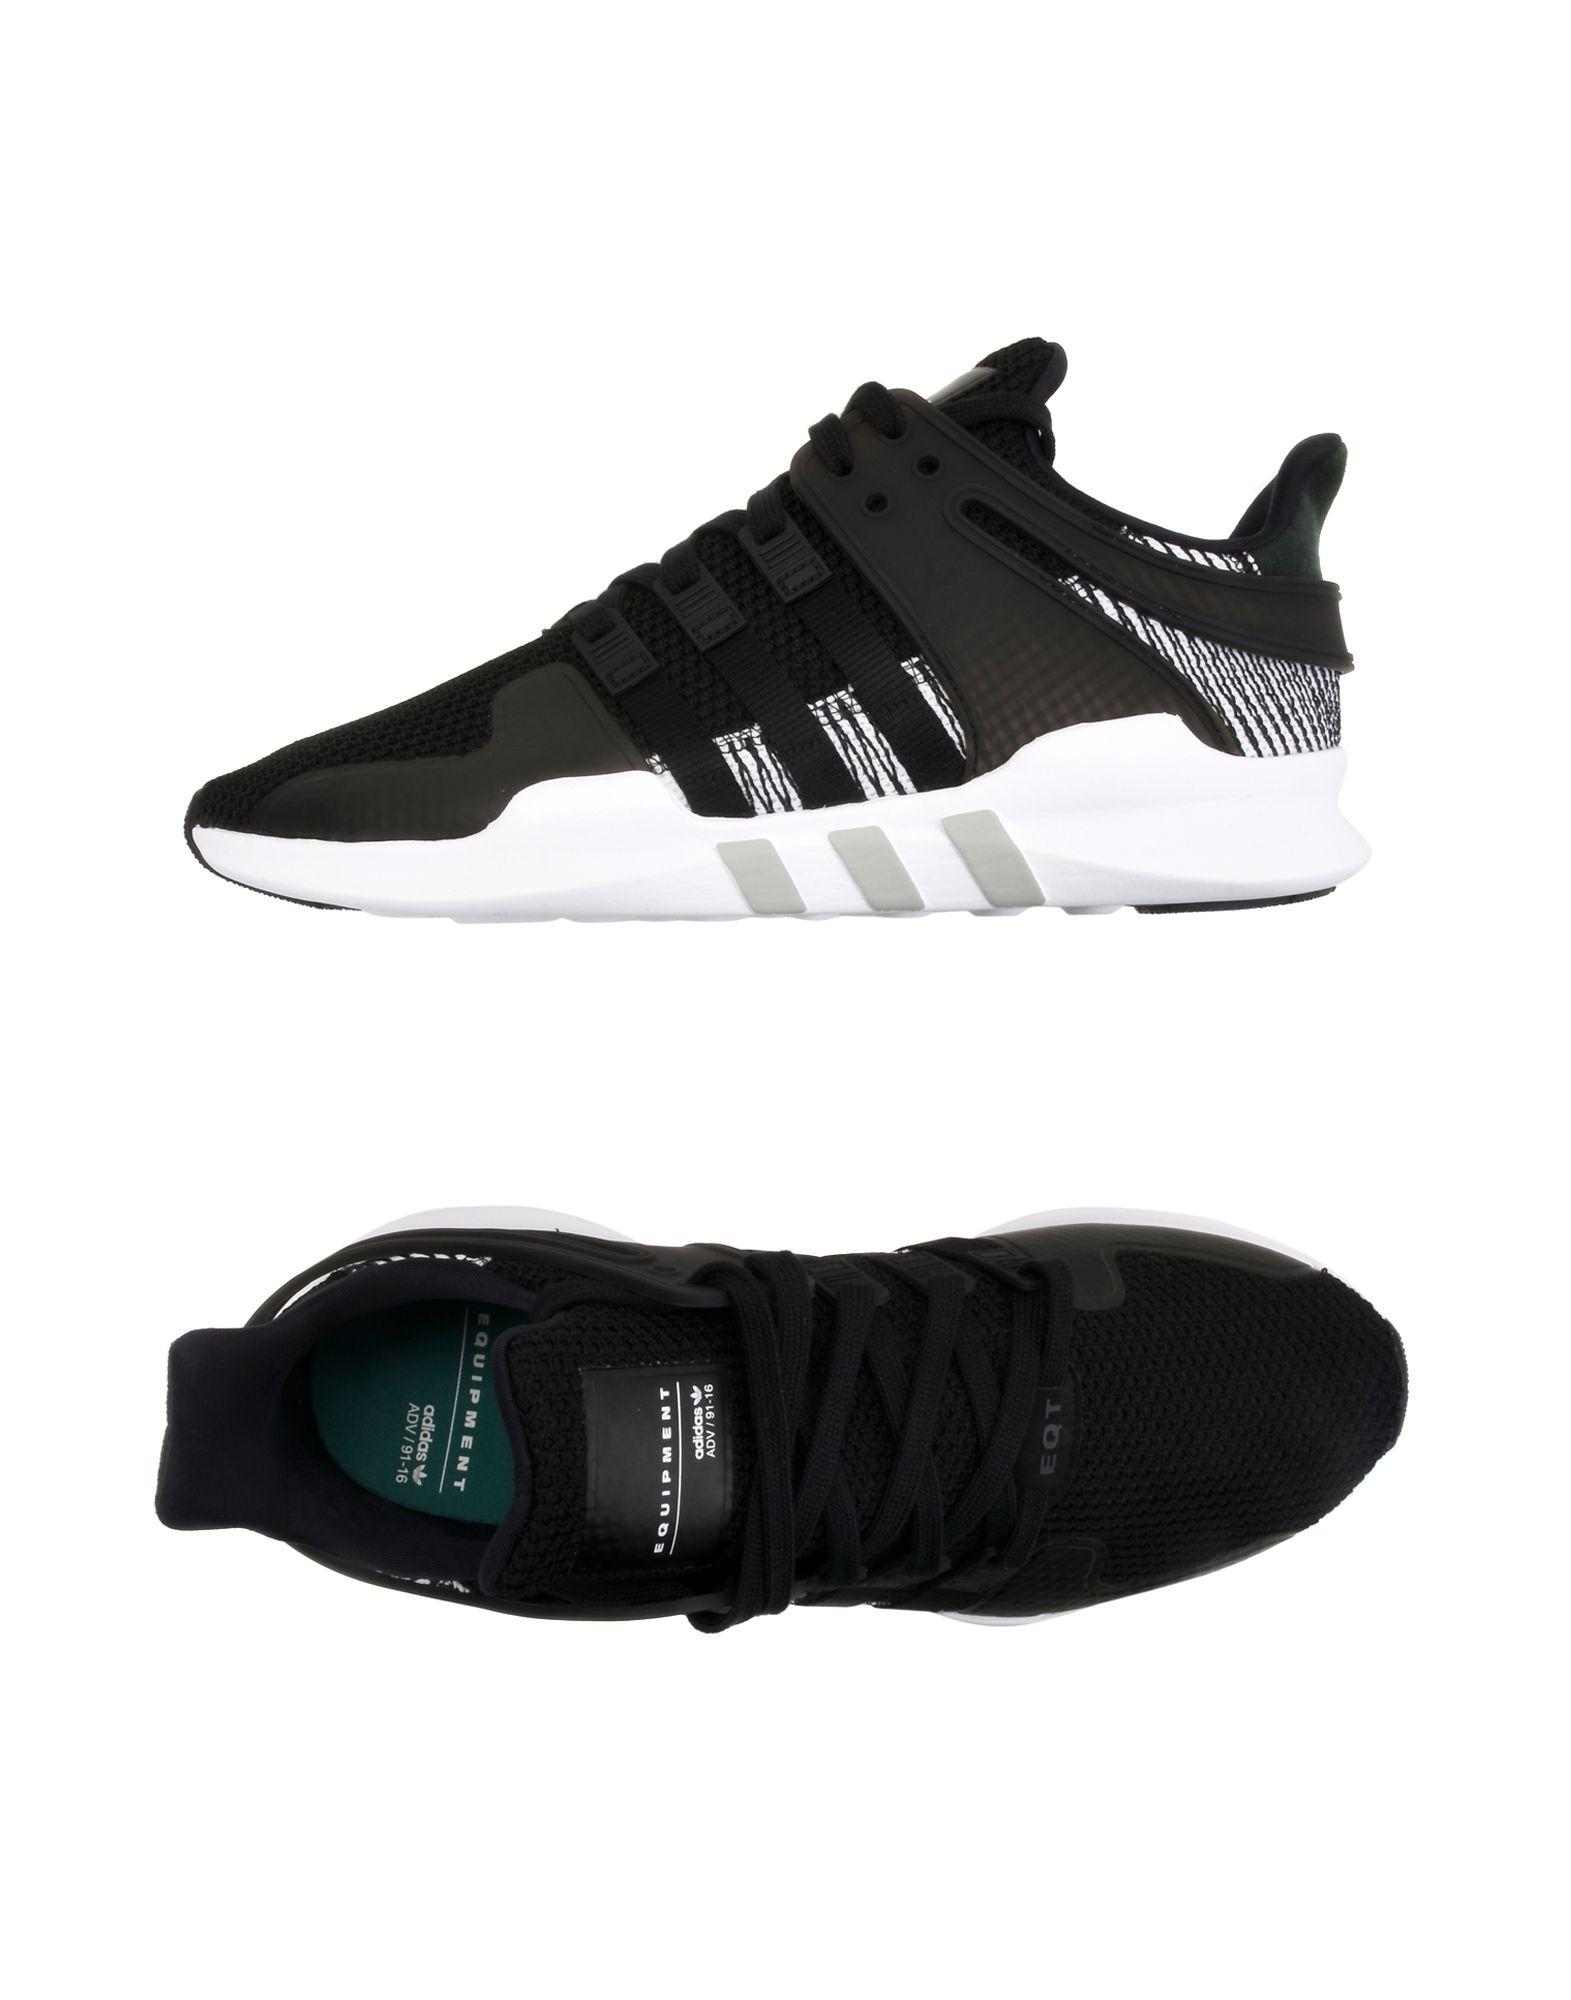 Sneakers Adidas Originals Eqt Support Adv - Uomo - Acquista online su